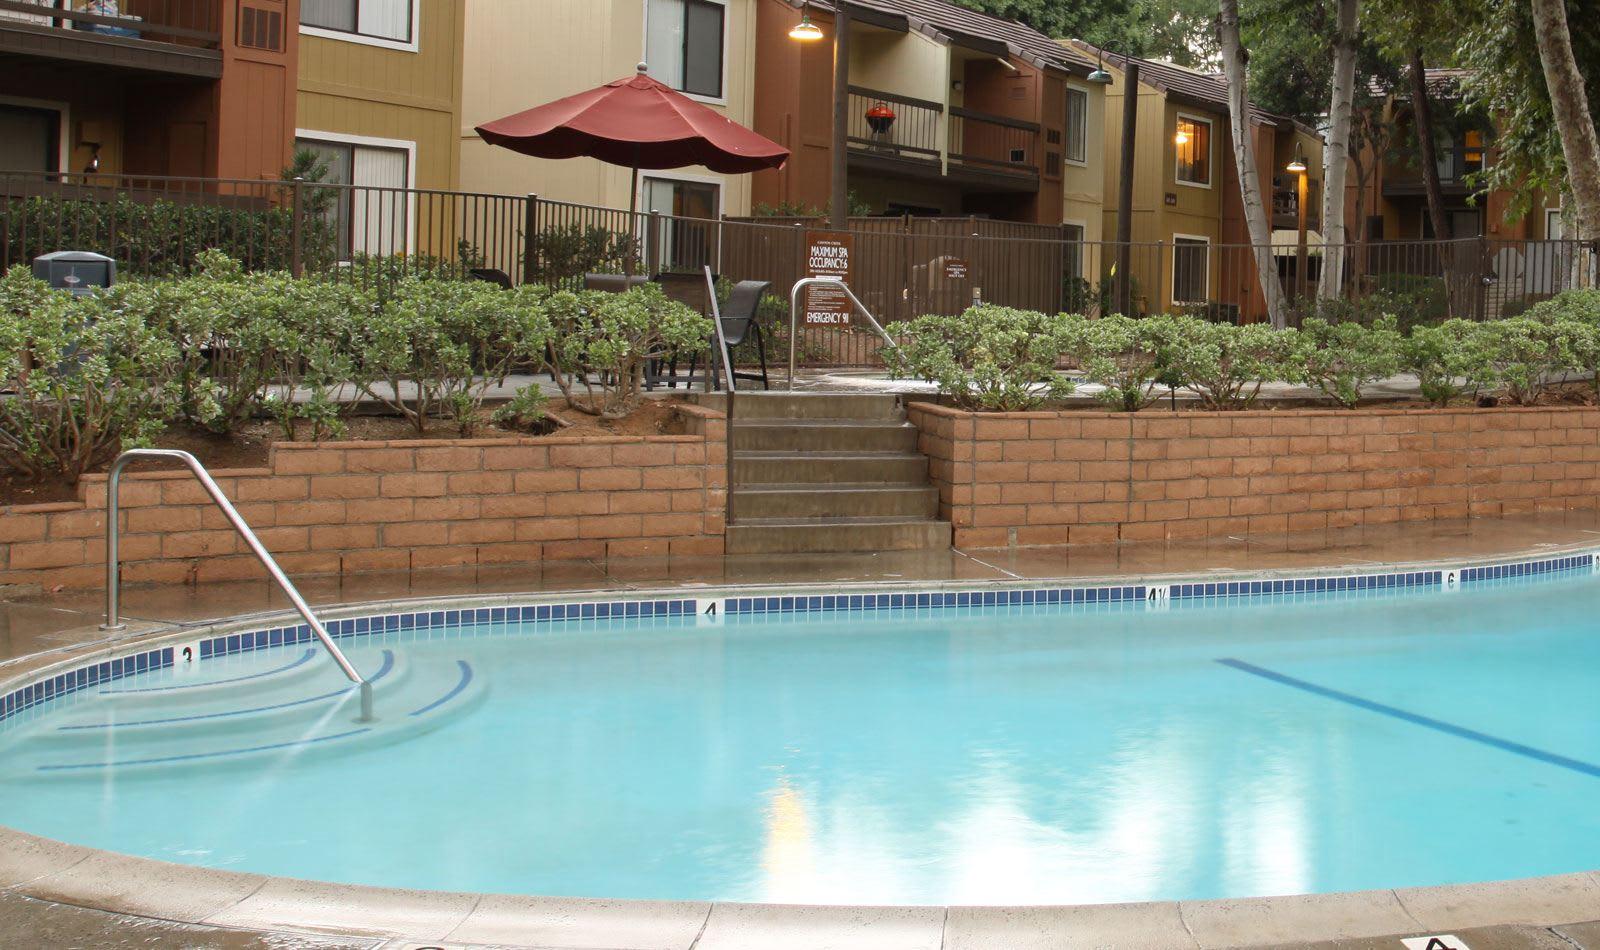 Swimming pool at Alvista Canyons